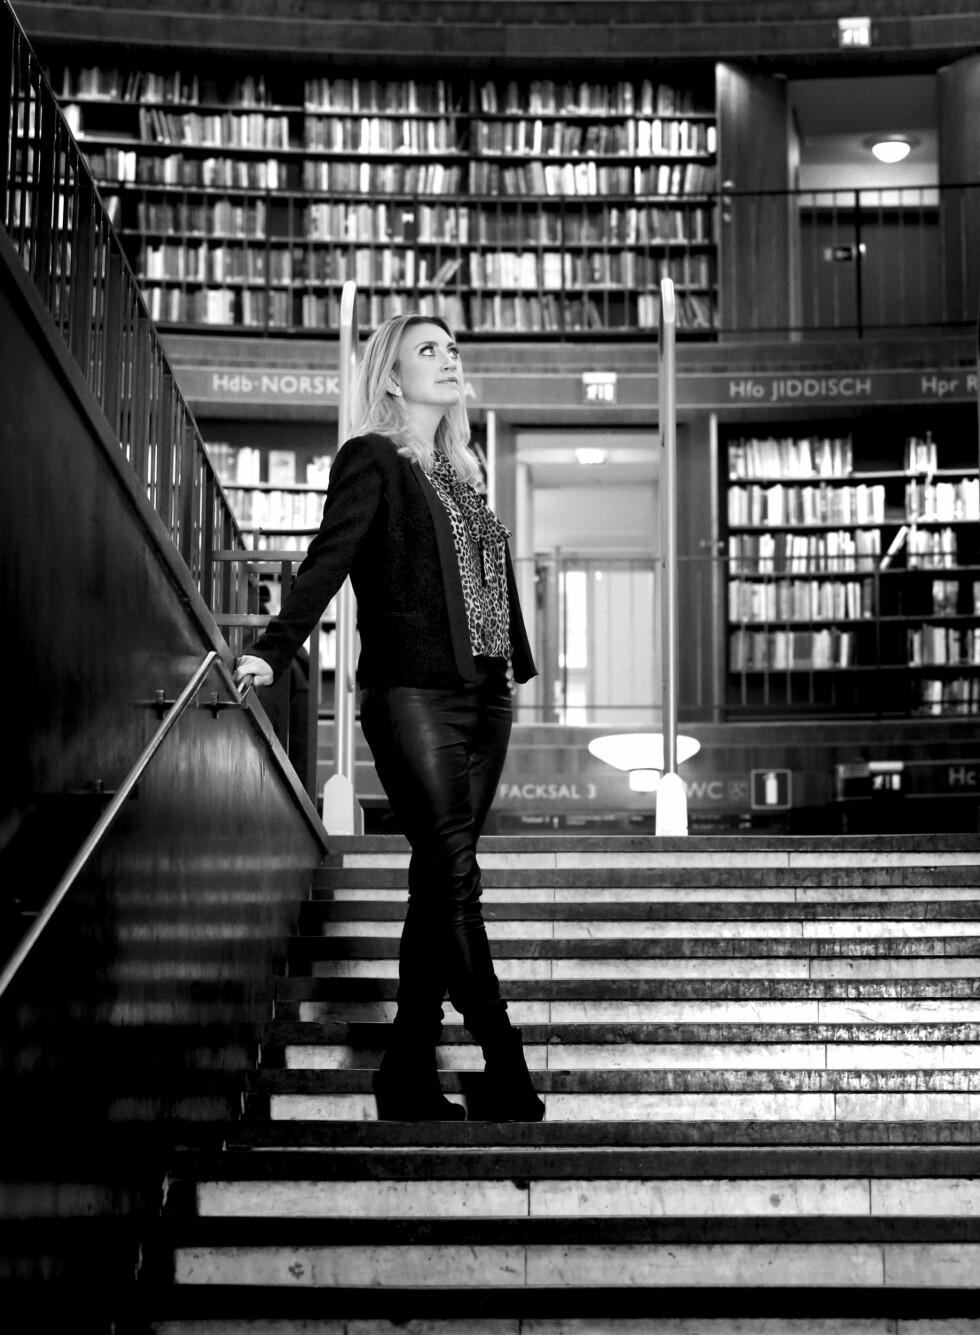 HAR BEGYNT Å TRENE: – Jeg er i mitt livs form, noe som for meg egentlig betyr at jeg får på meg buksene uten problemer, sier Camilla Läckberg. Foto: HELÉNE LINSJÖ, GL ARHCINE/ALAMY, VIKTORIA WYCKMAN ÅGREN